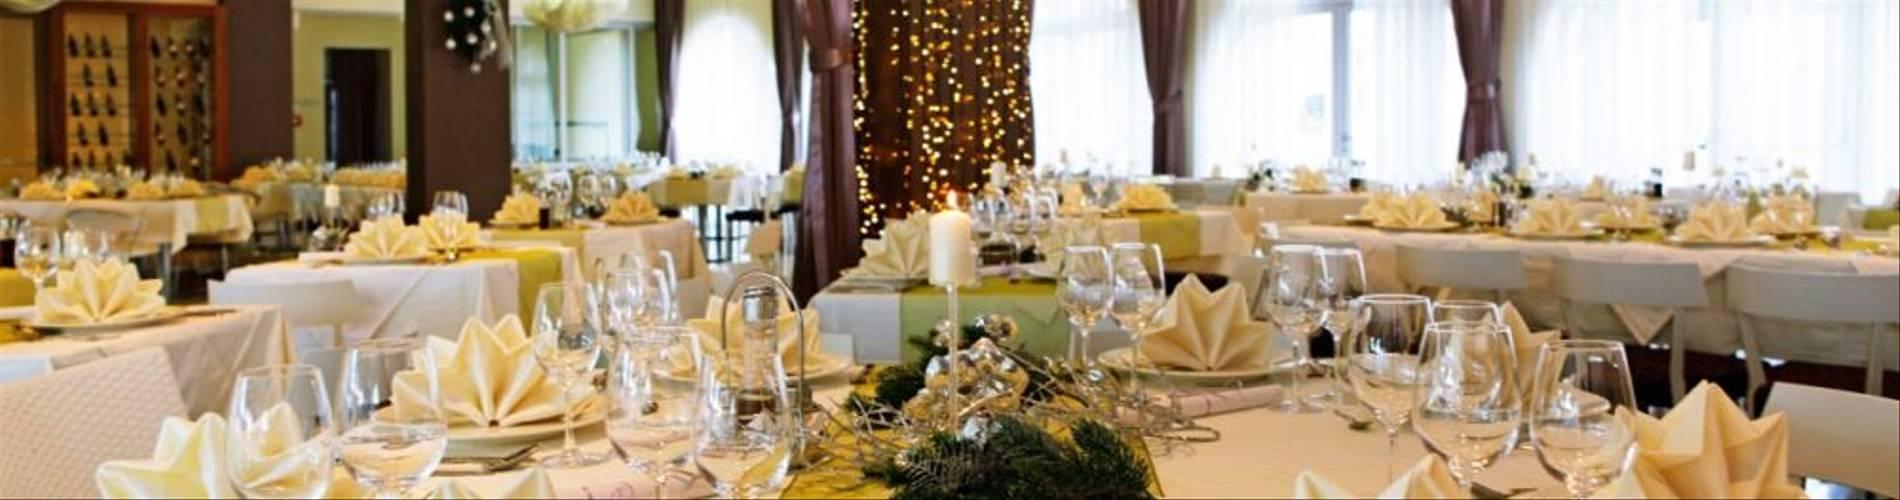 Restaurant-Korkyra.jpg